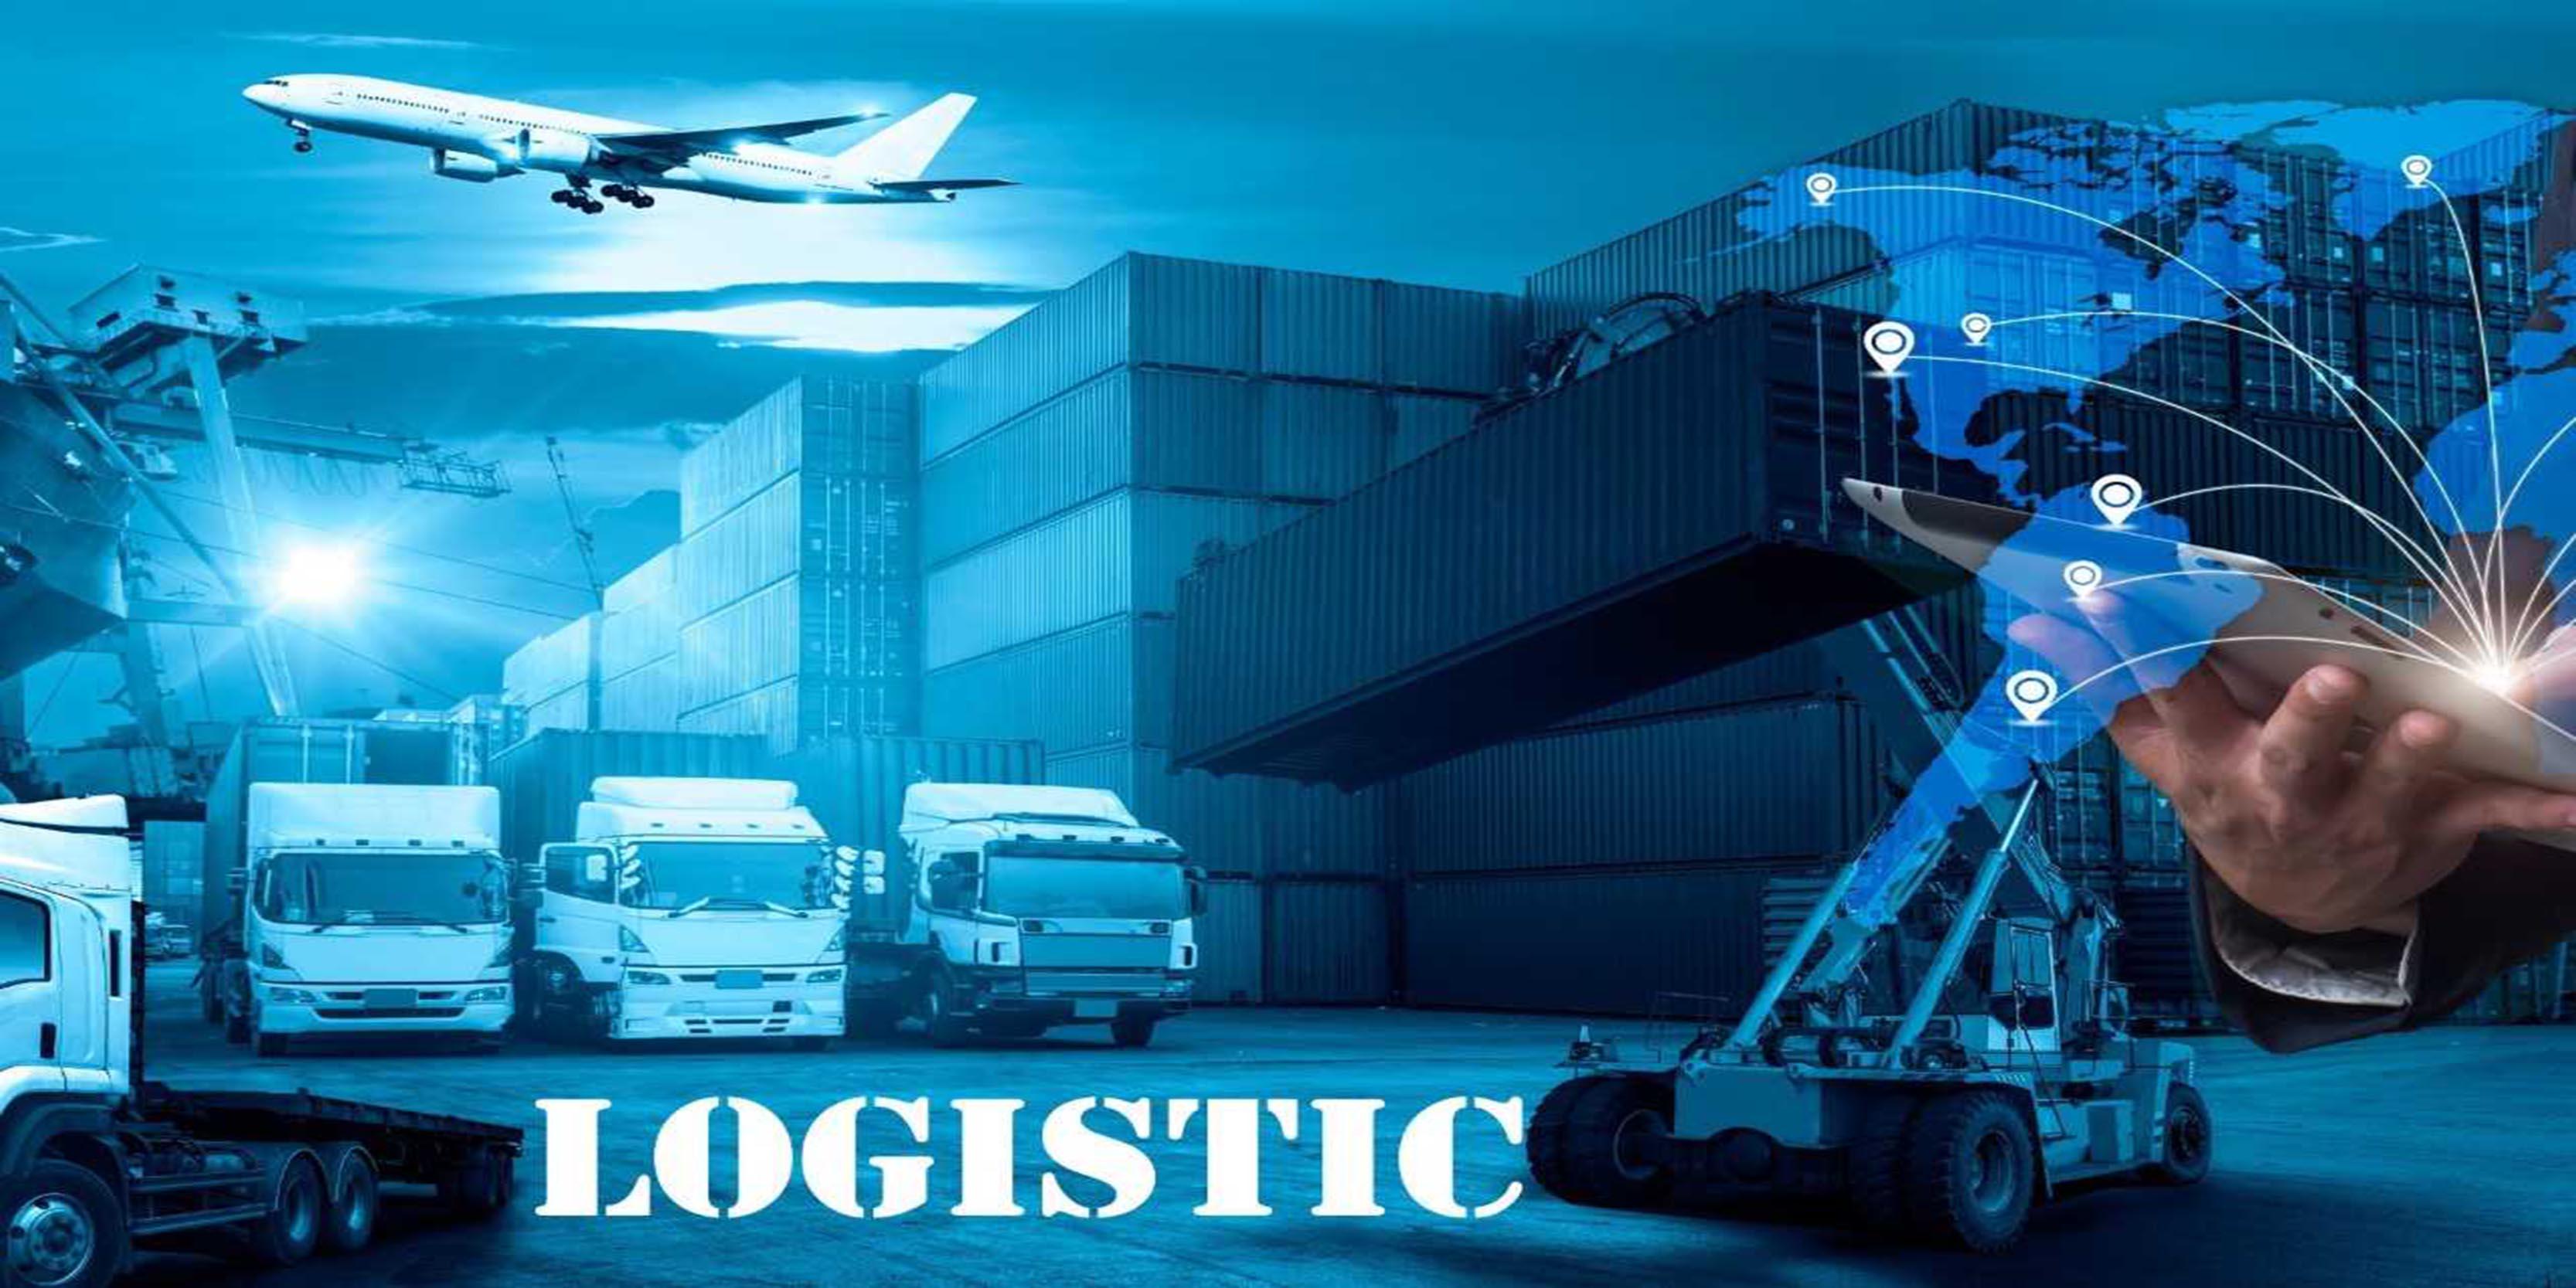 Thông tin về ngành logistics và quản lý chuỗi cung ứng?